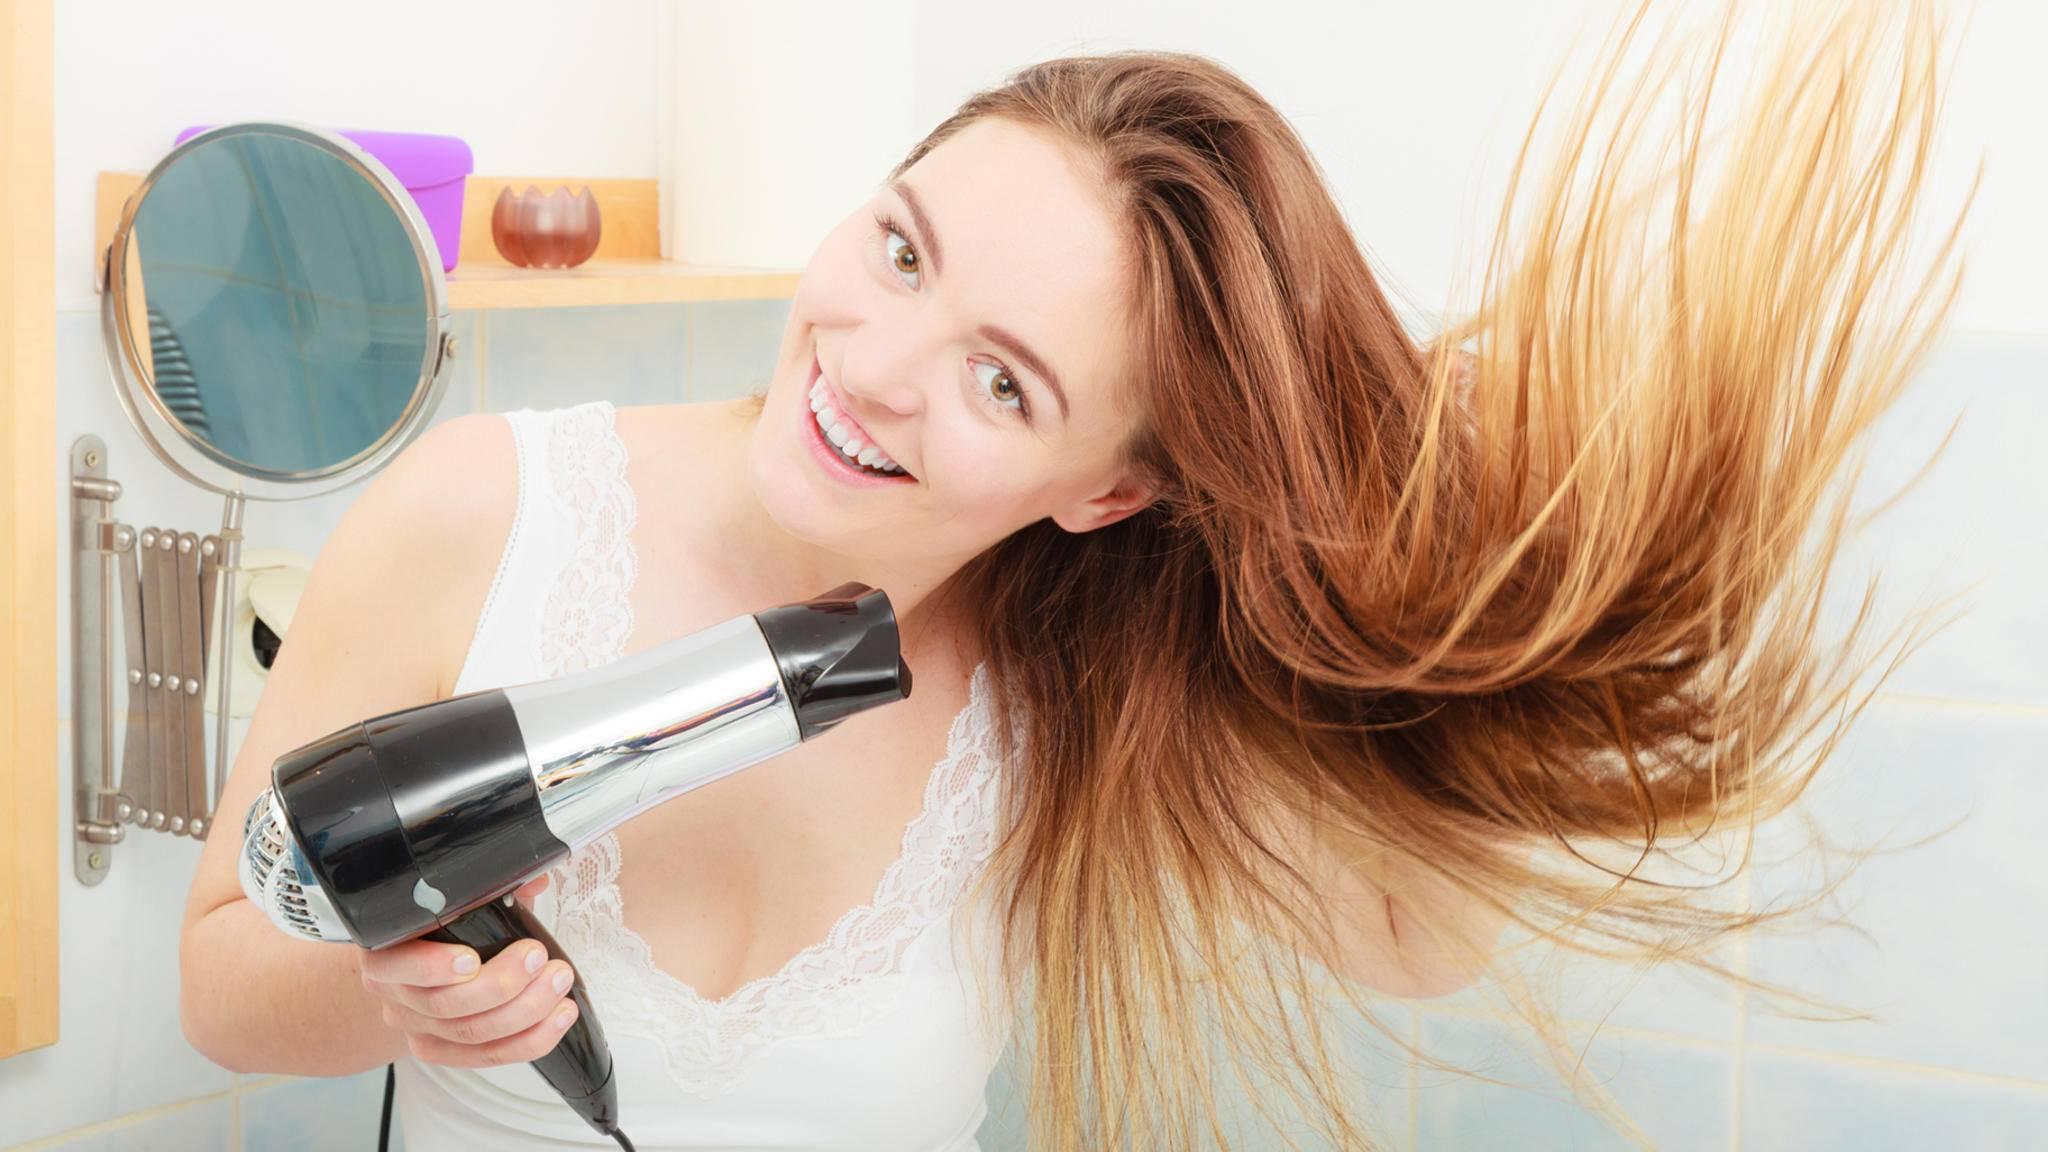 Mit dem Föhn lassen sich nicht nur Haare trocknen.